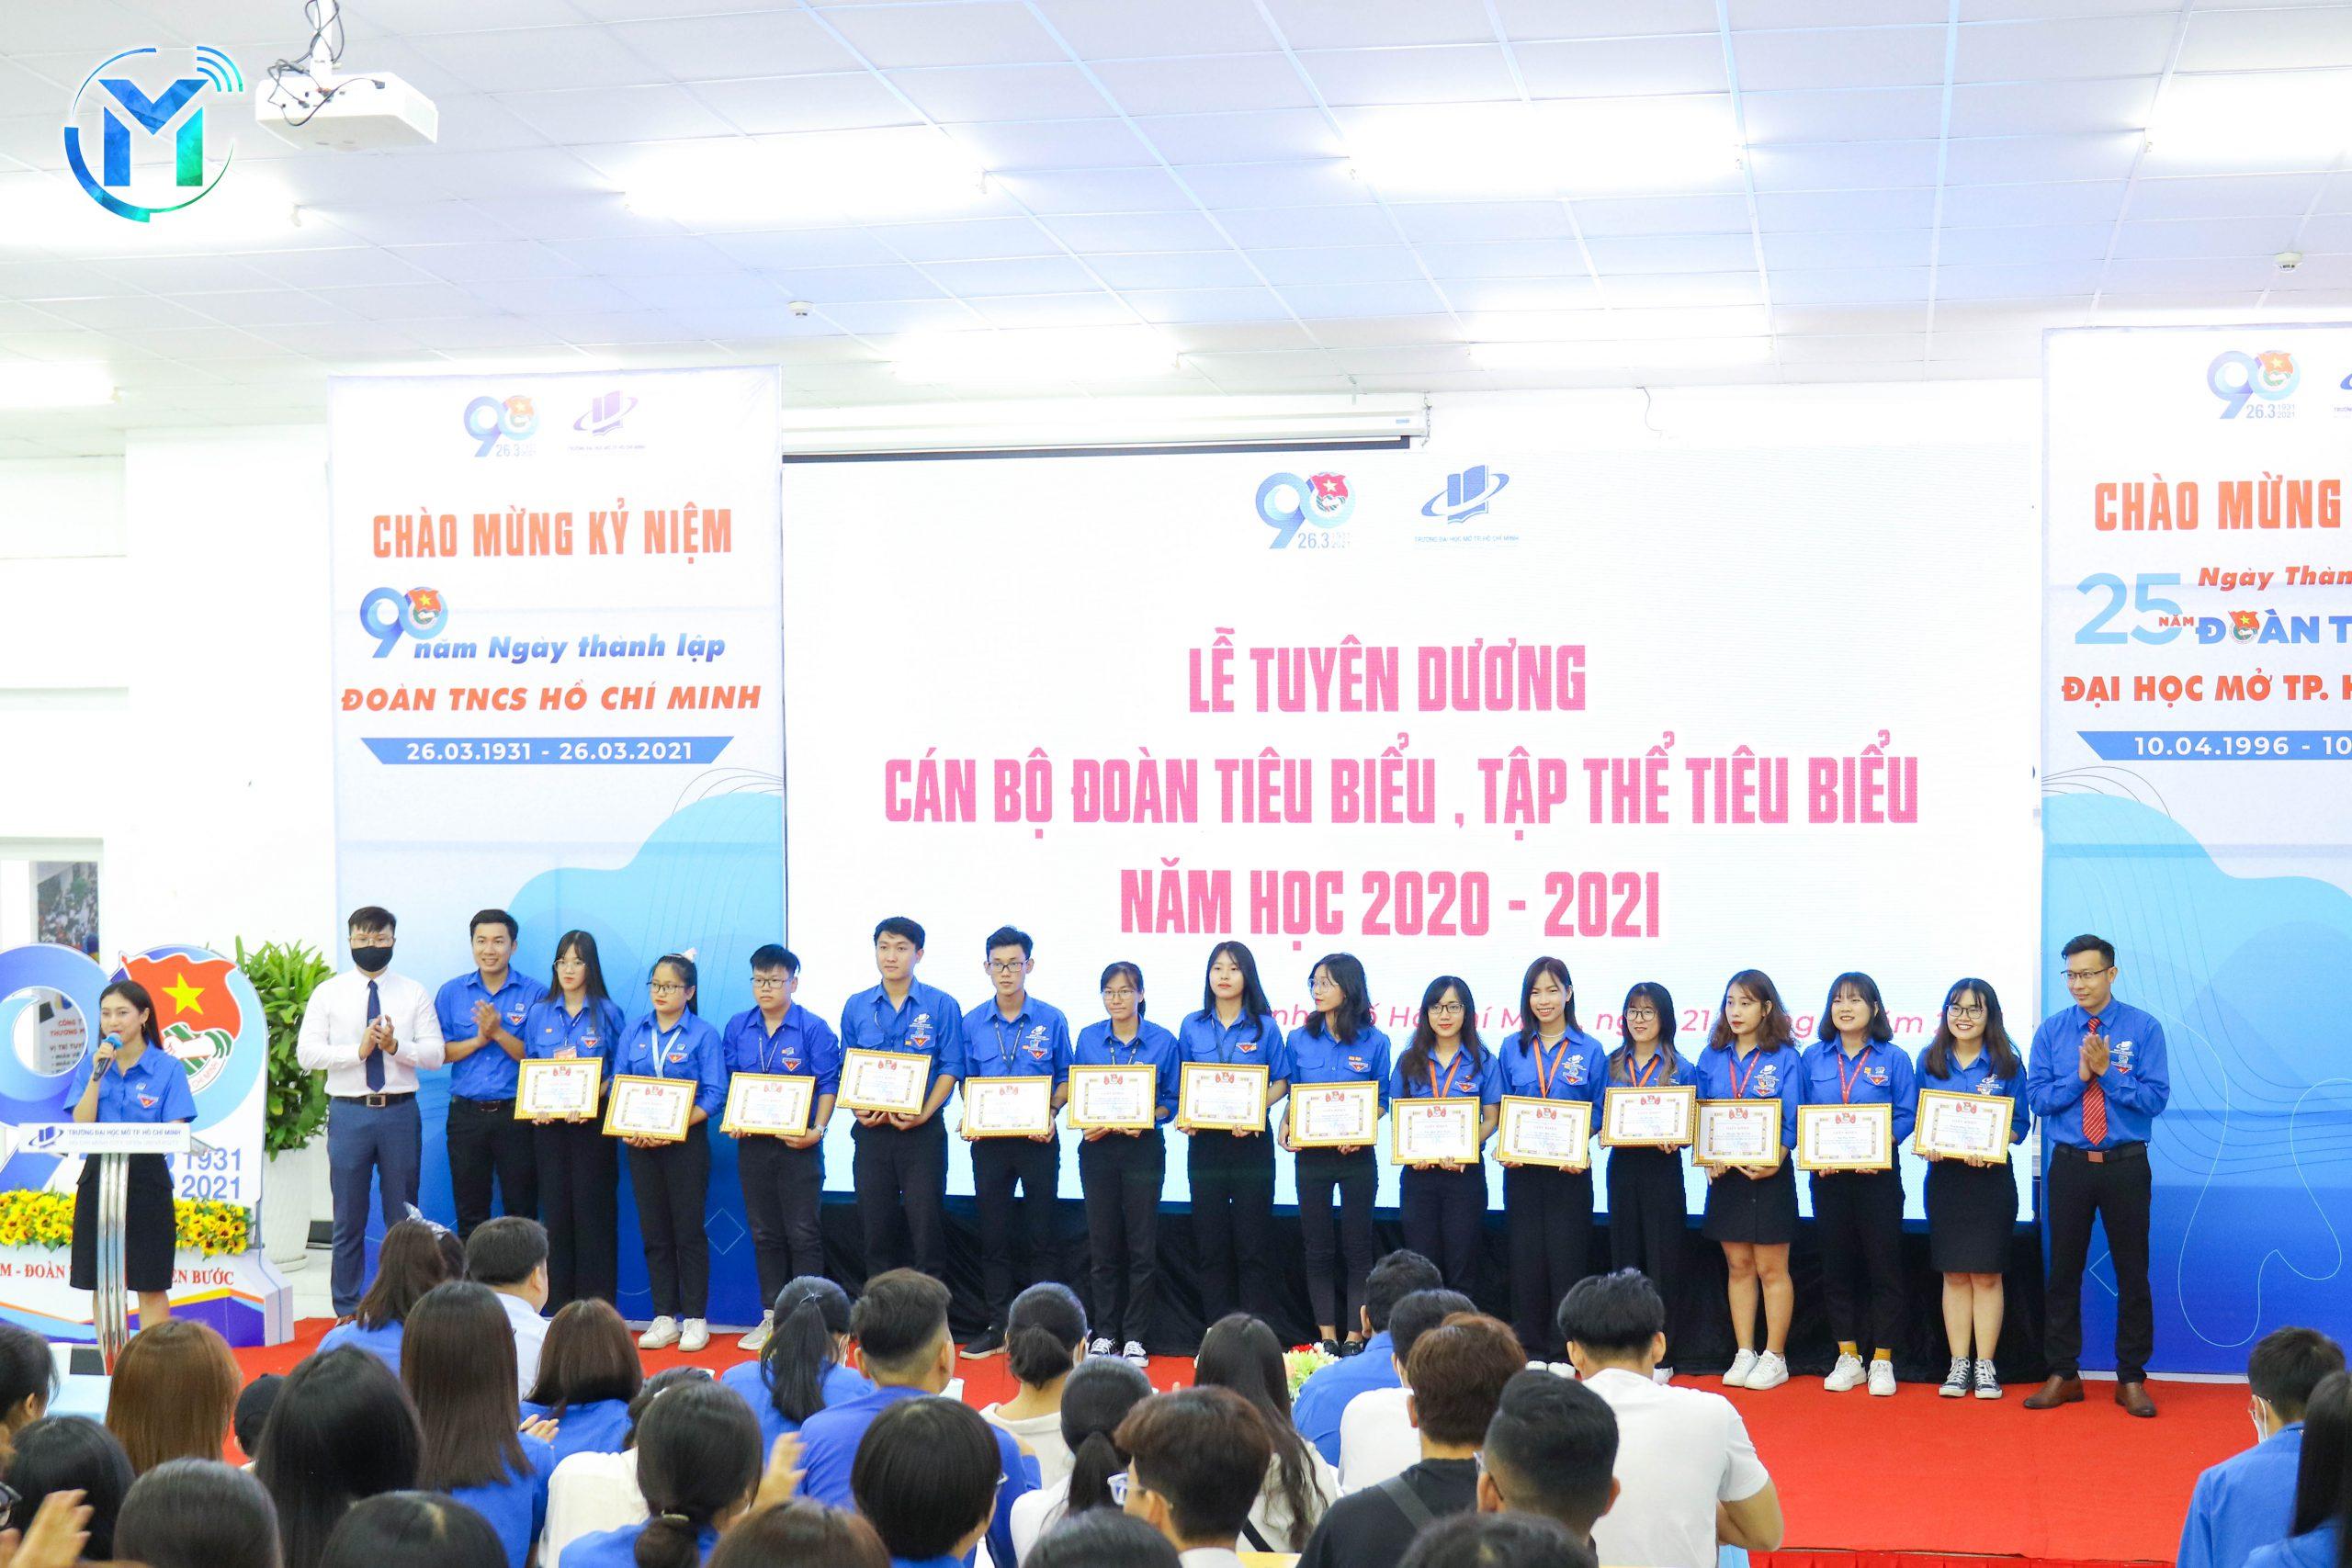 """Lễ Kỷ niệm 90 năm ngày thành lập Đoàn TNCS Hồ Chí Minh (26/03/1931-26/03/2021)  và Tuyên dương 90 Gương """"Cán bộ Đoàn tiêu biểu, tập thể vững mạnh tiêu biểu"""""""